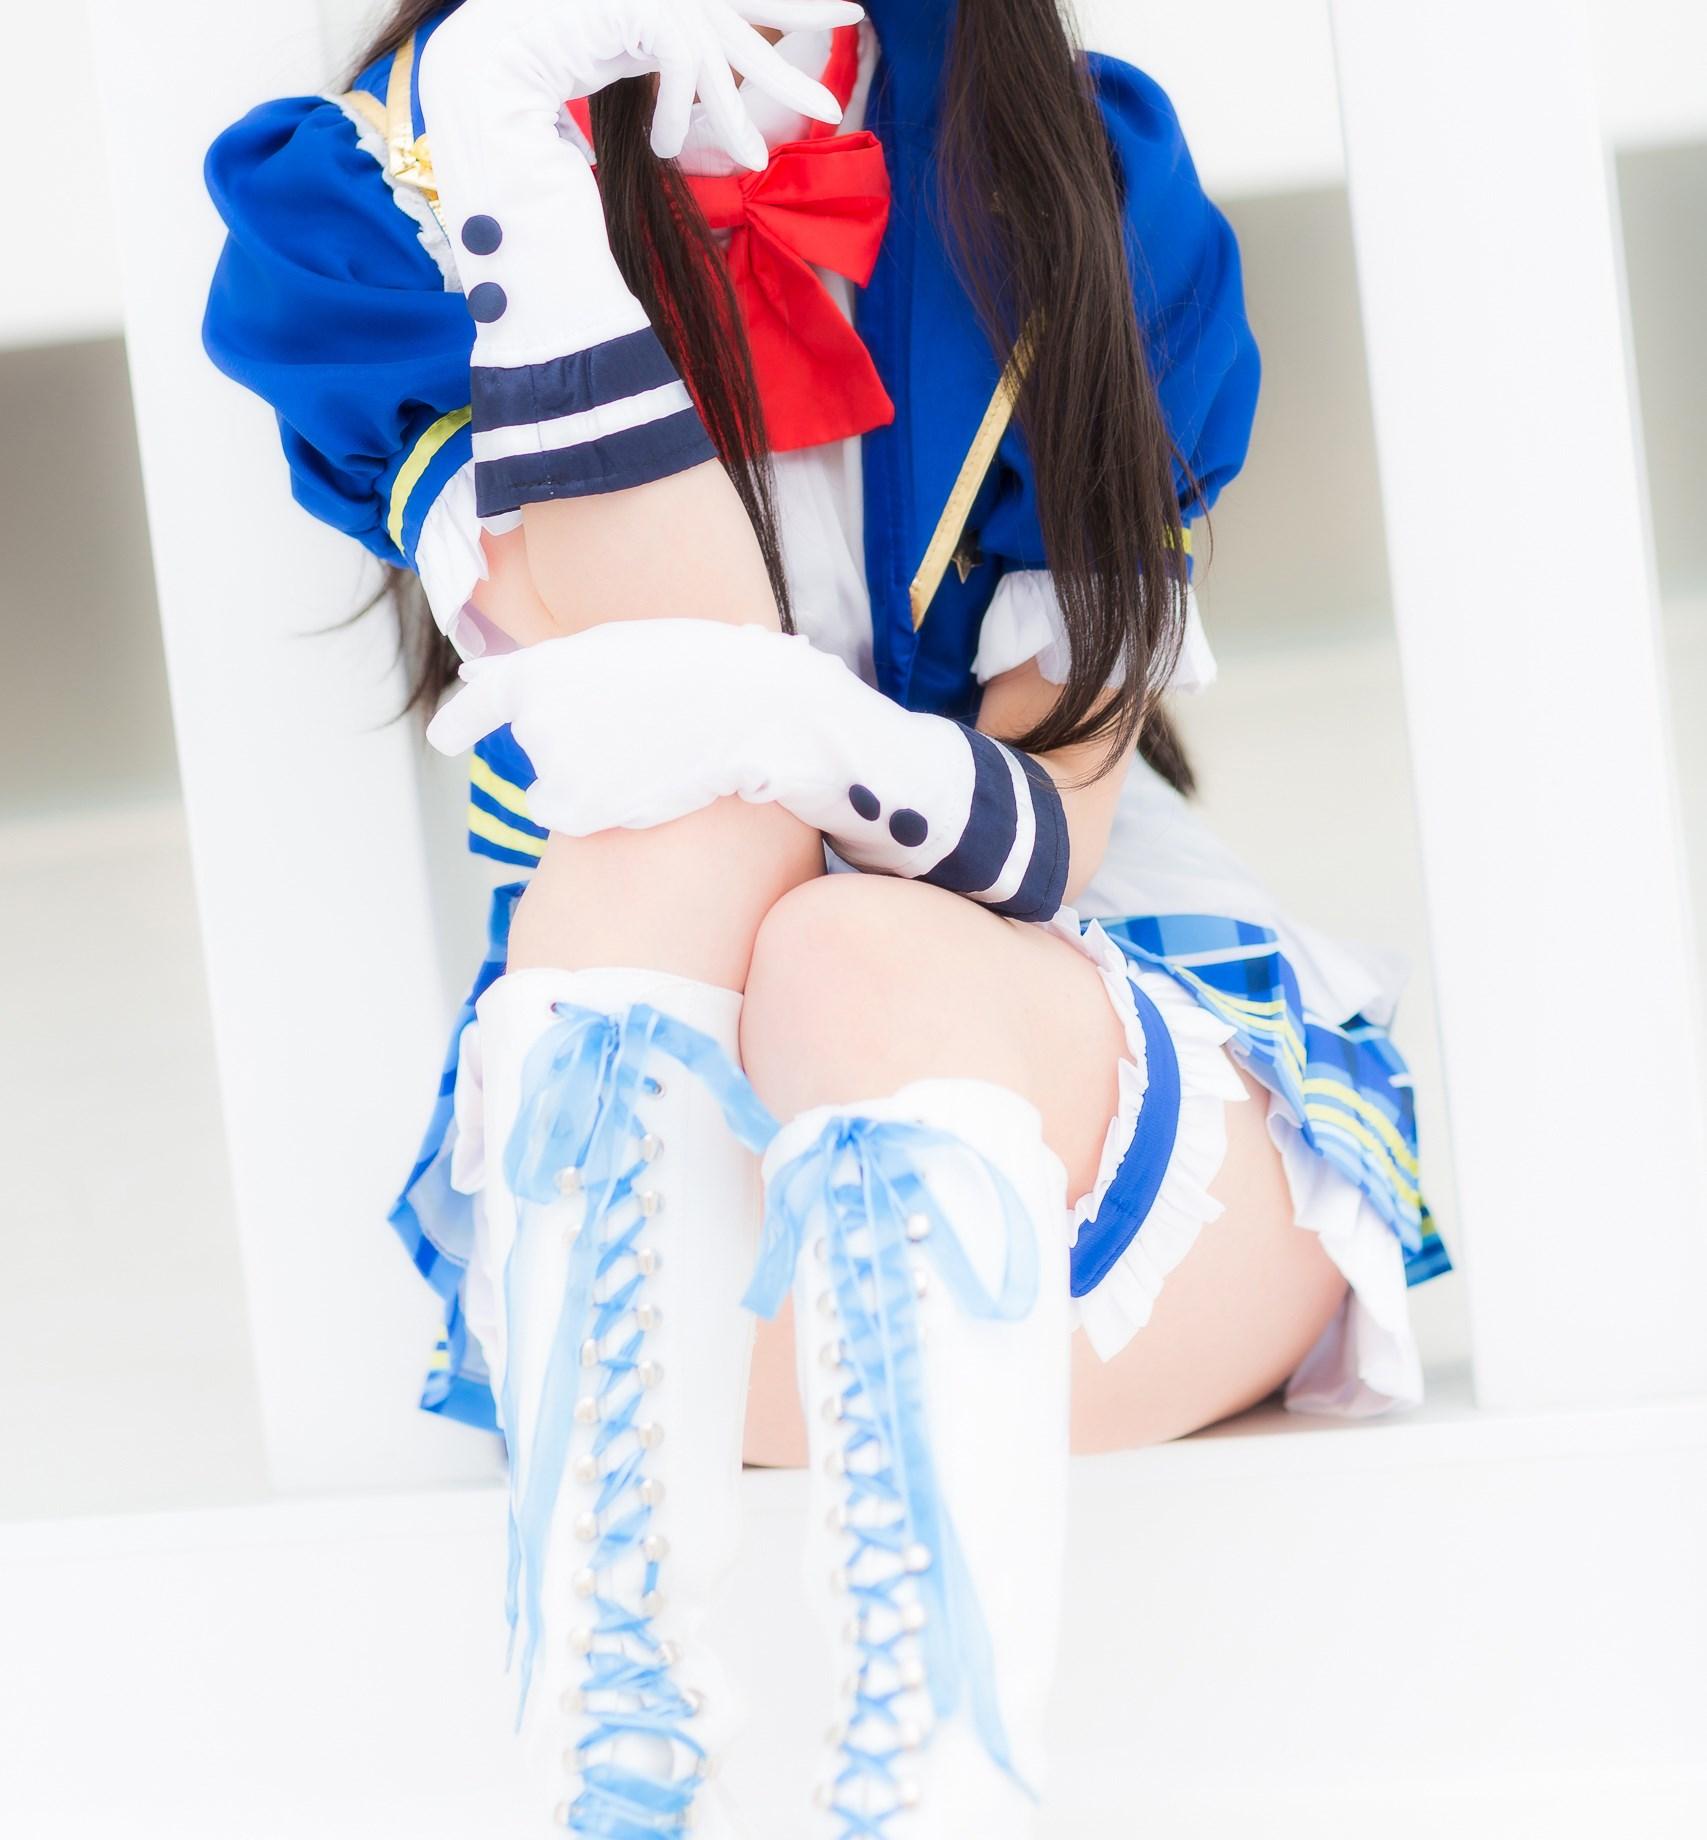 【兔玩映画】少女制服爱豆 兔玩映画 第61张